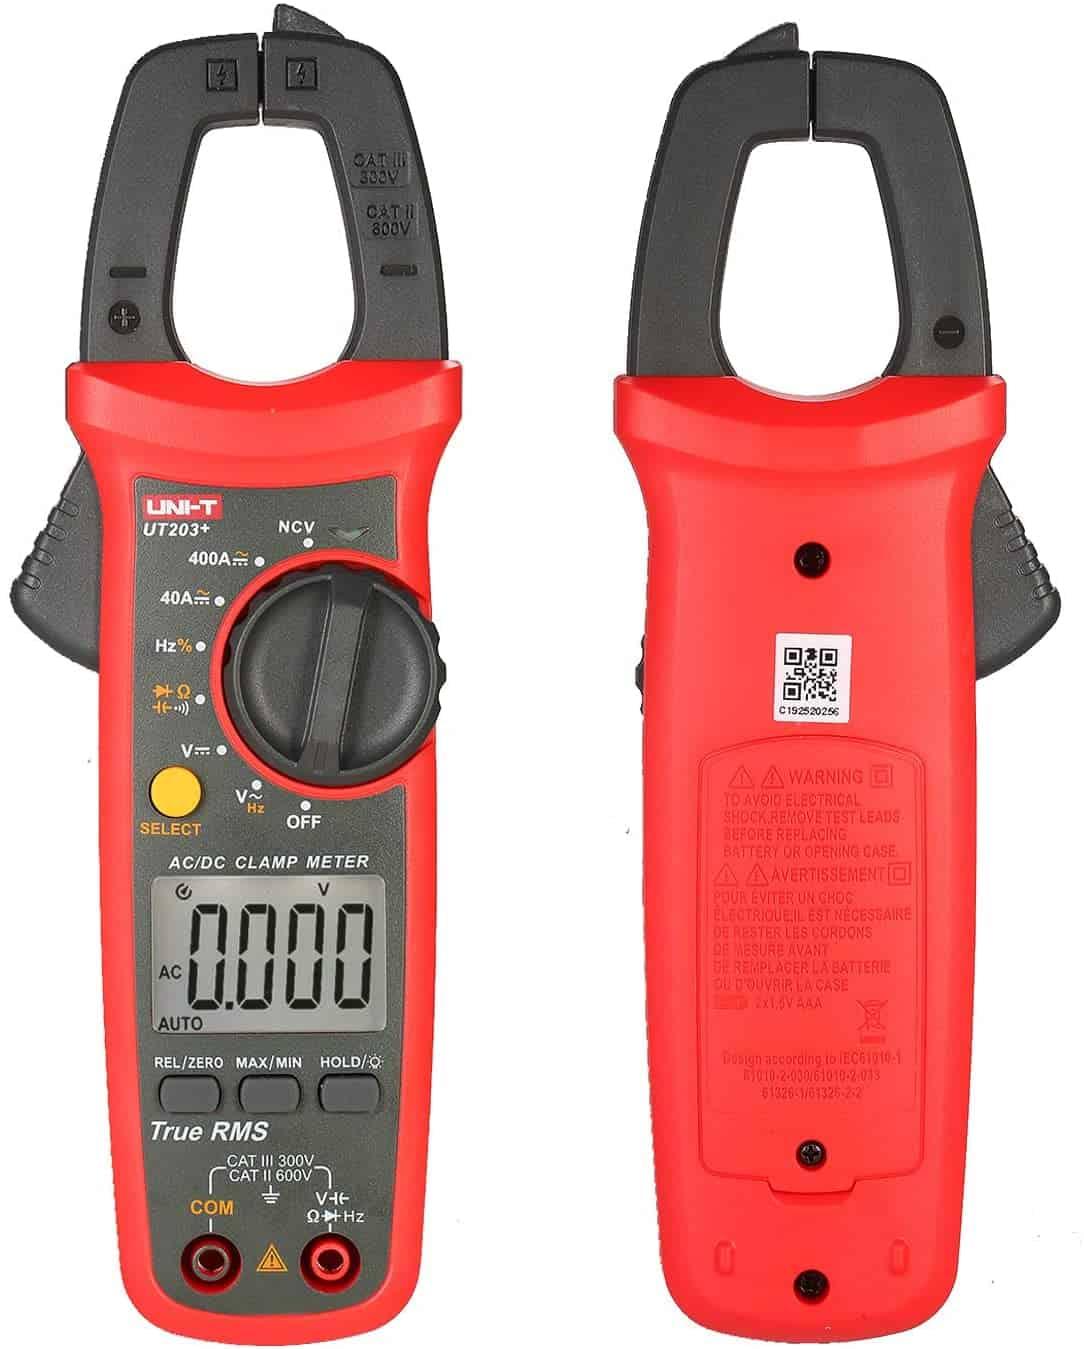 UNI-T UT203+ - Digital Clamp Multimeter DC AC Current Voltmeter 400-600A